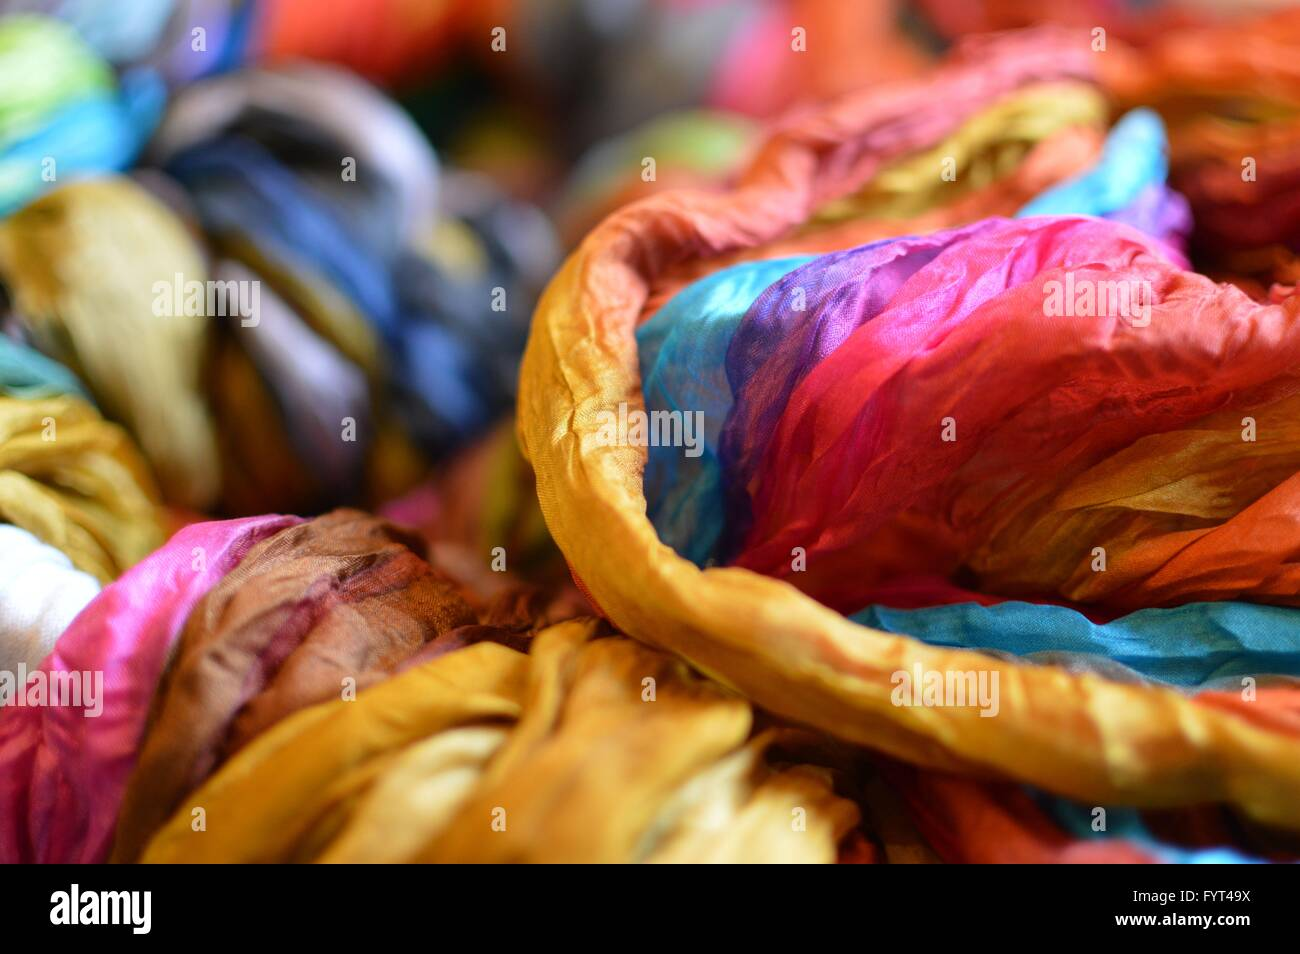 ccb5ed3104bcdc Dettaglio colpo di colorate sciarpe in un mercato in stallo. Immagini Stock